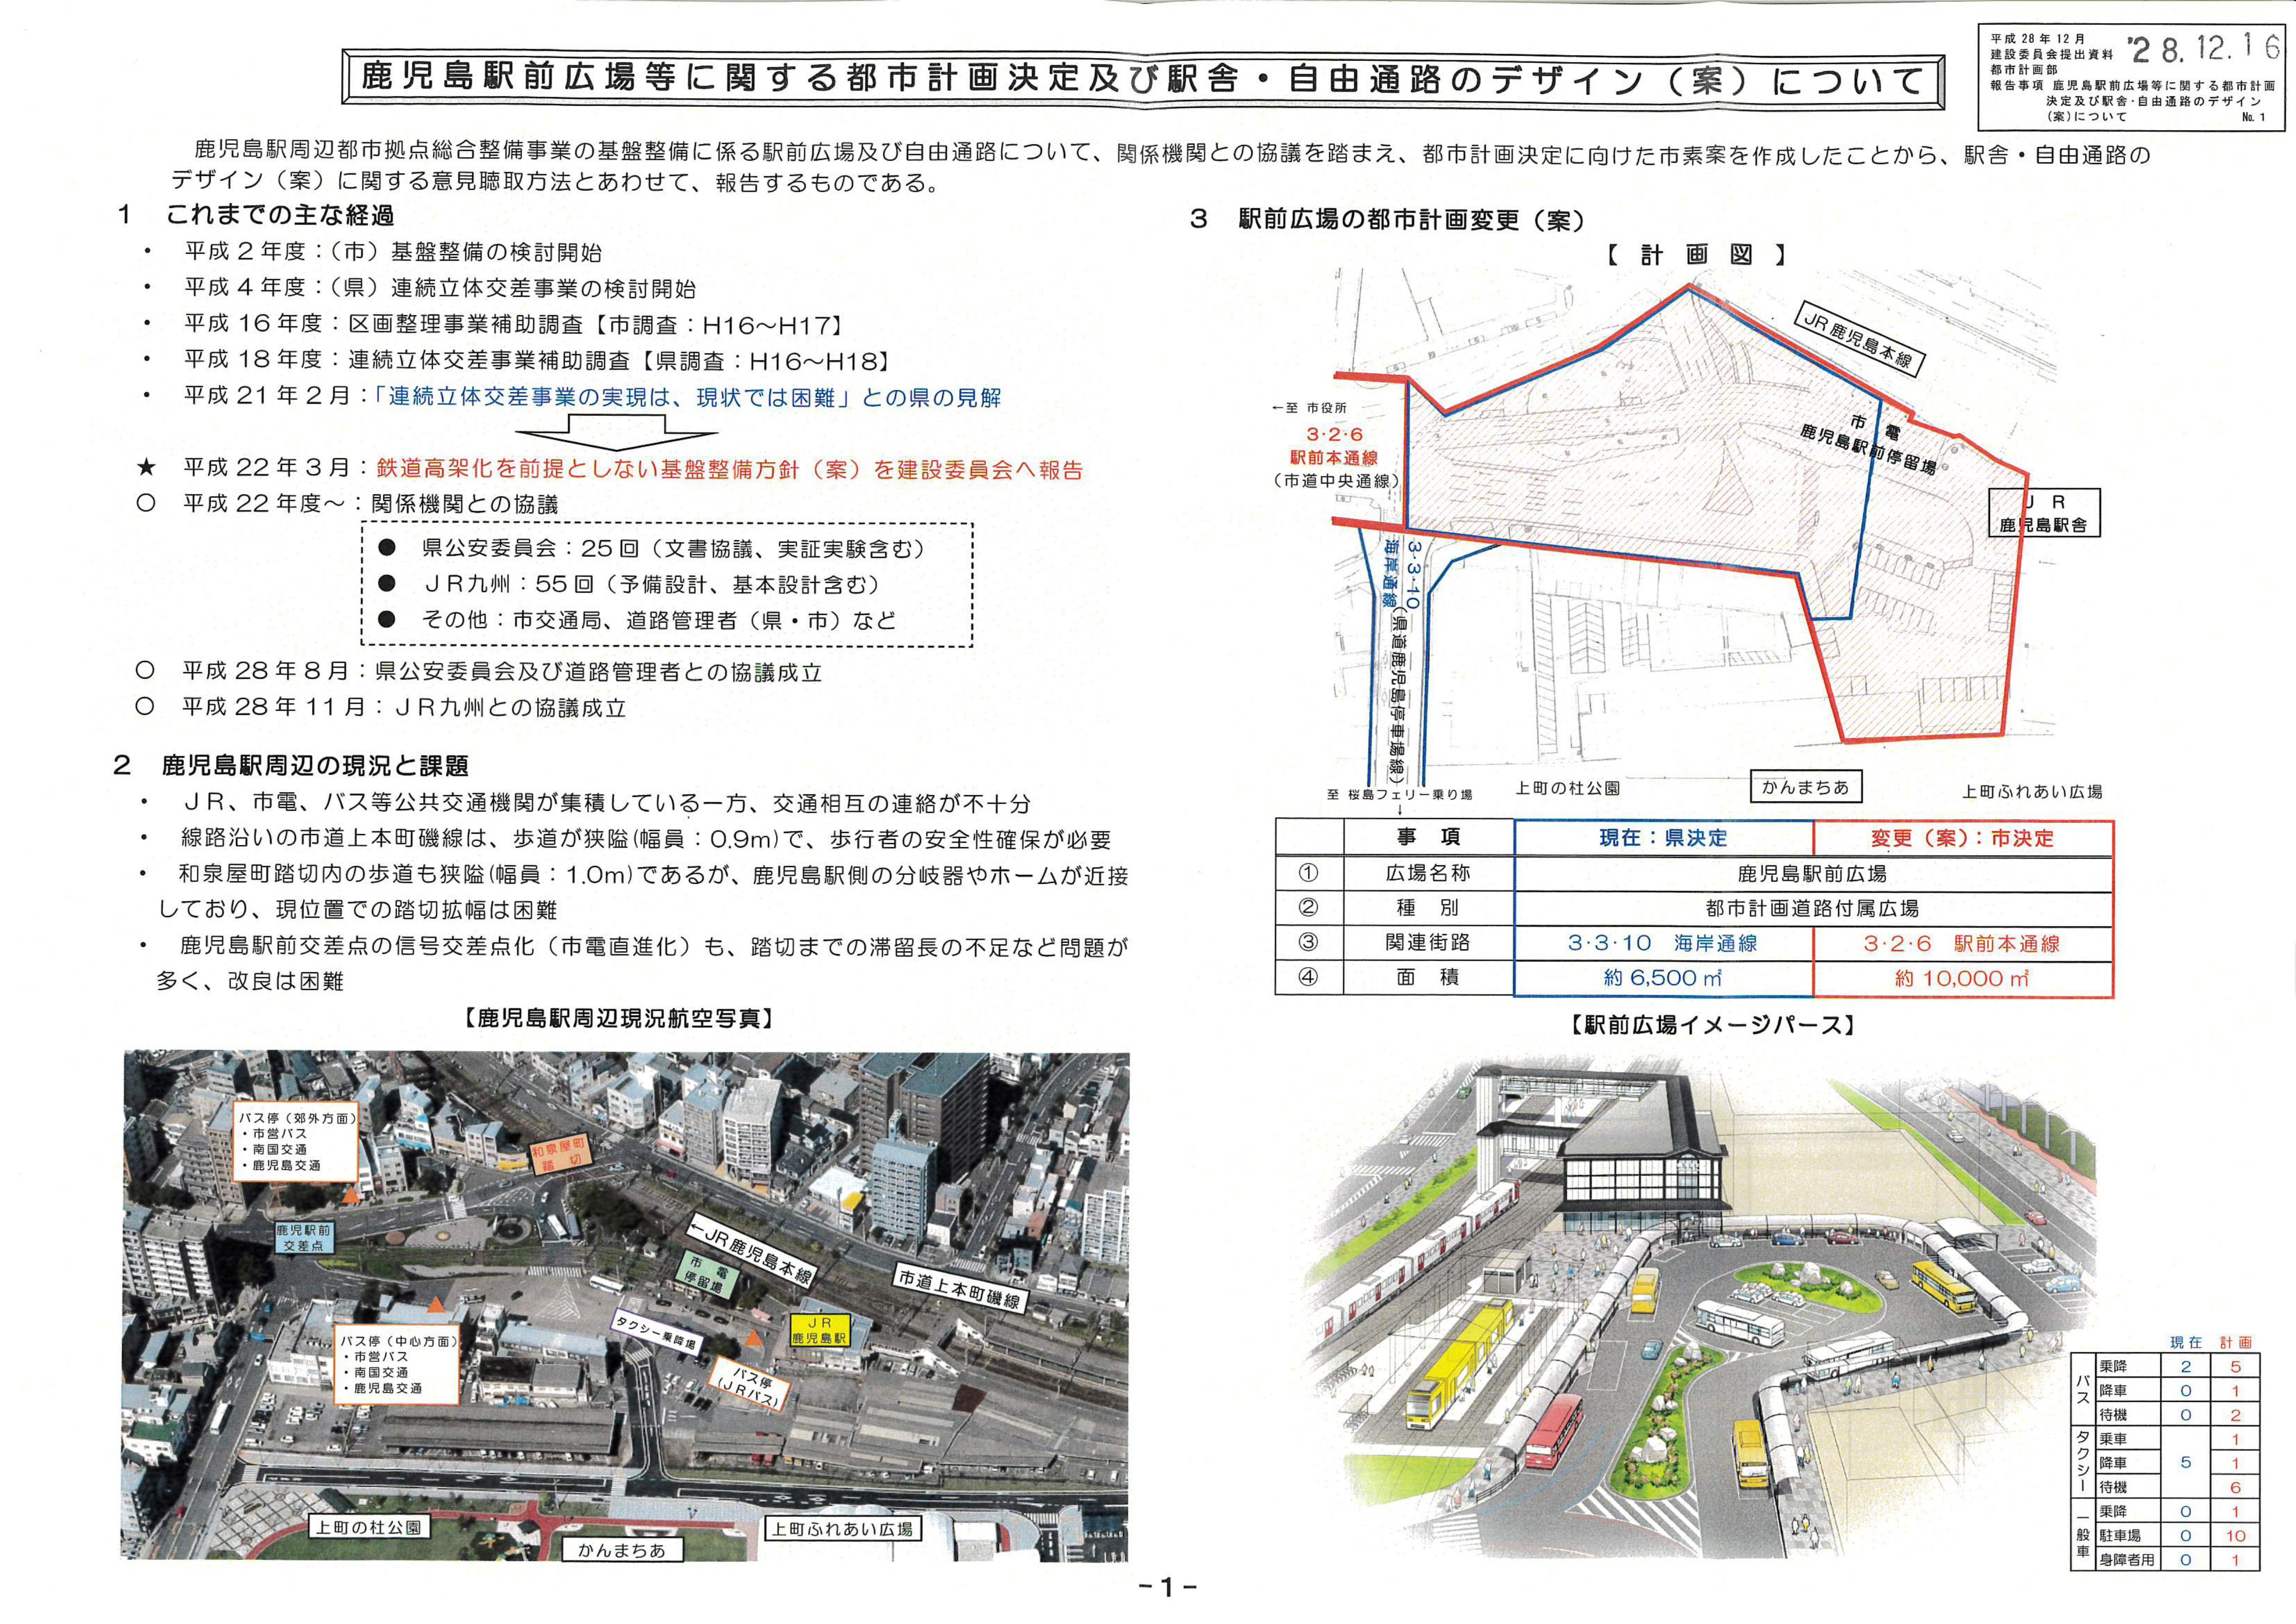 鹿児島駅前広場に関する都市計画決定